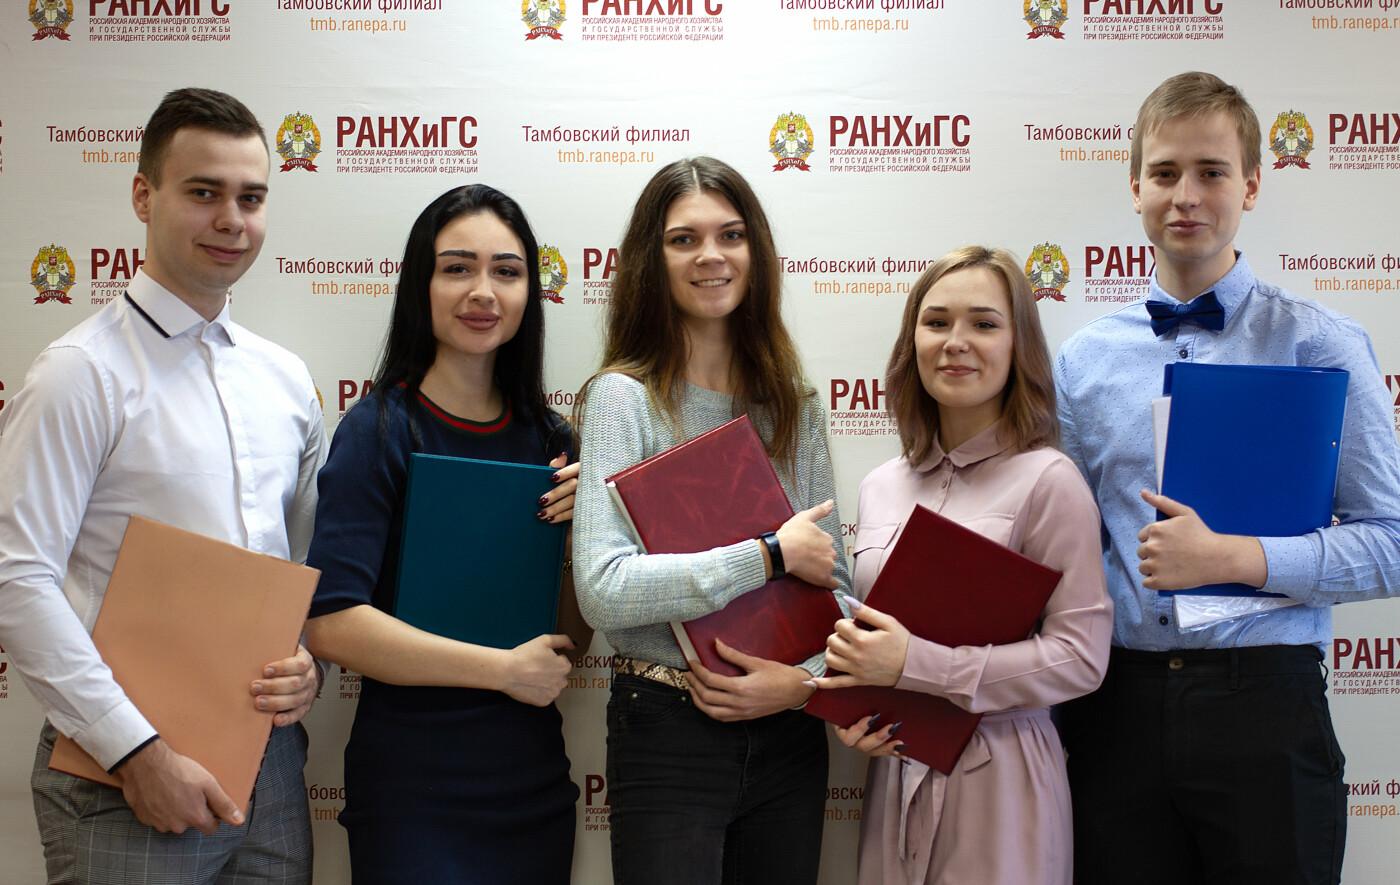 Тамбовский филиал РАНХиГС приглашает на День открытых дверей, фото-1